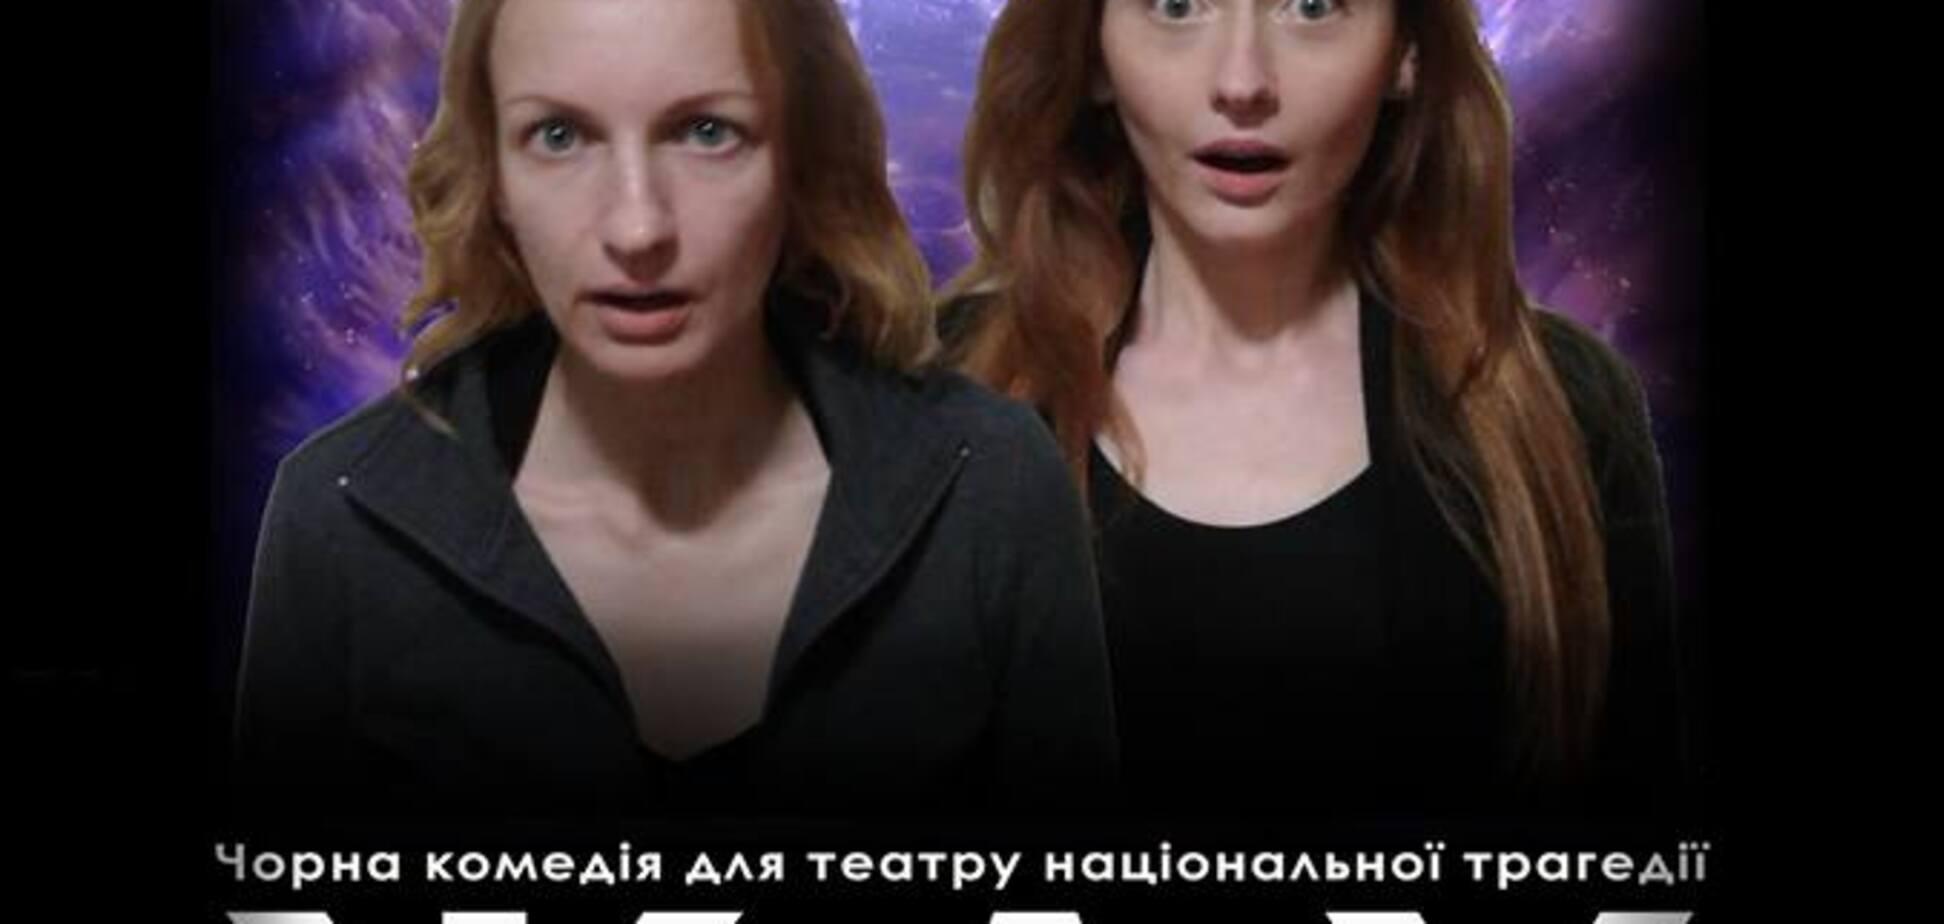 Мариупольский театр покажет в Киеве спектакль о морге